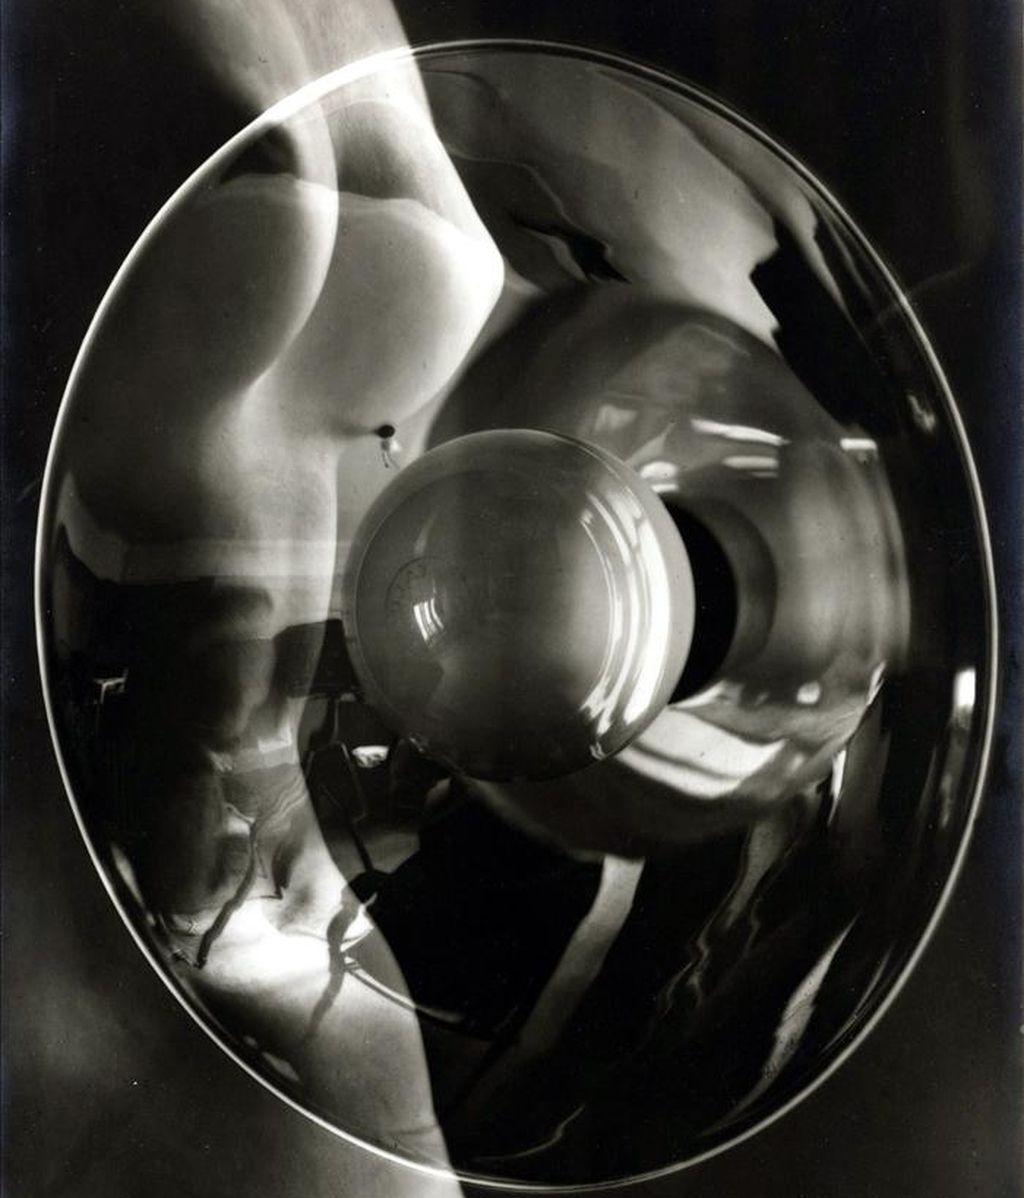 """Reproducción de la imagen """"Photomontage with Nude and Studio Light"""", del artista surrealista Man Ray (1890-1976), que se adjudicó el 6 de abril 2011, por 410.500 dólares en una subasta en Nueva York (EE.UU.), con lo que se convirtió en la obra más cara de la puja de fotografías organizada por la firma Sotheby's. EFE/Man Ray/Sotheby's"""